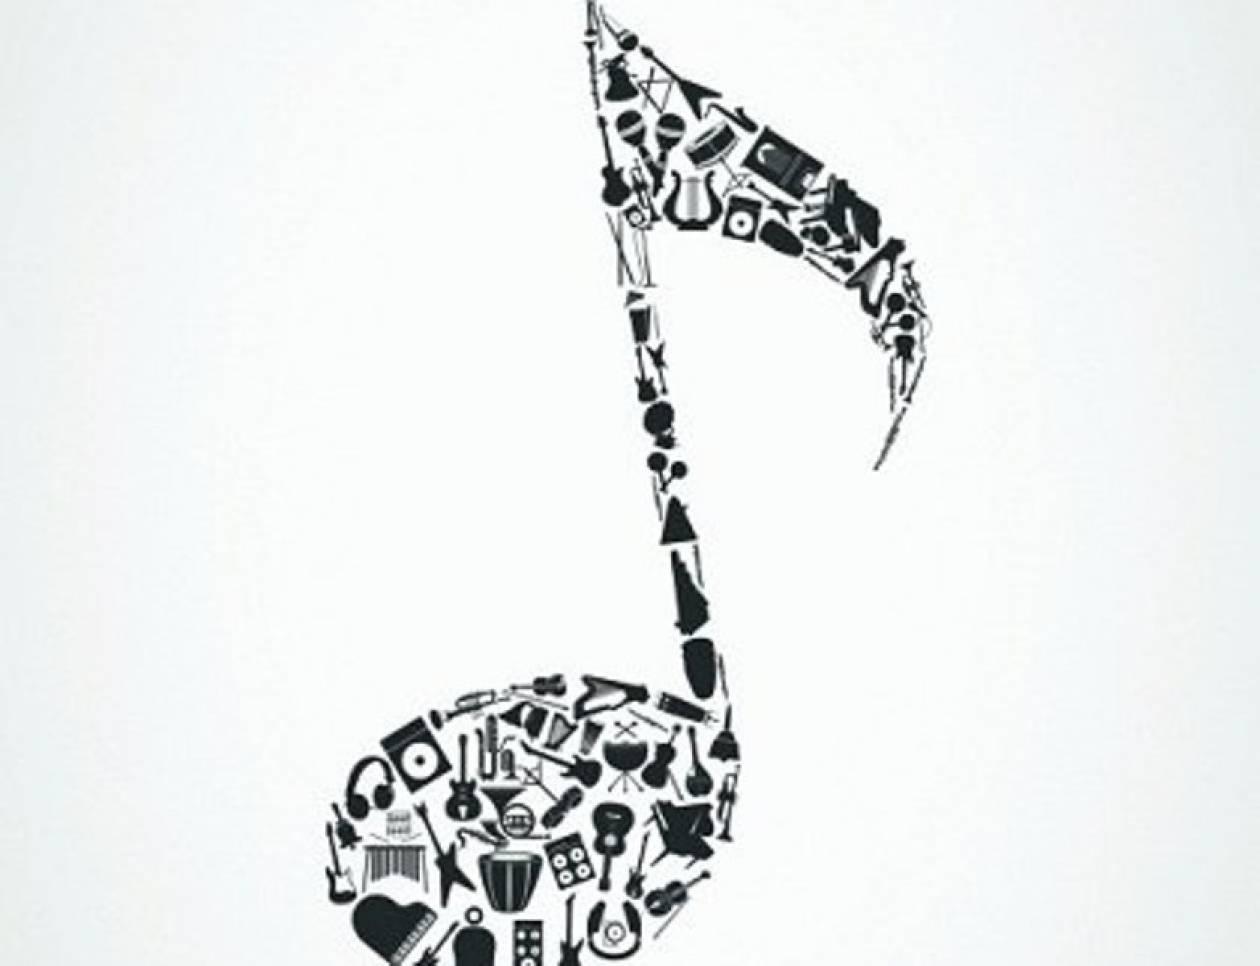 Ποιο τραγούδι αναζητήθηκε περισσότερο στο διαδίκτυο το 2012